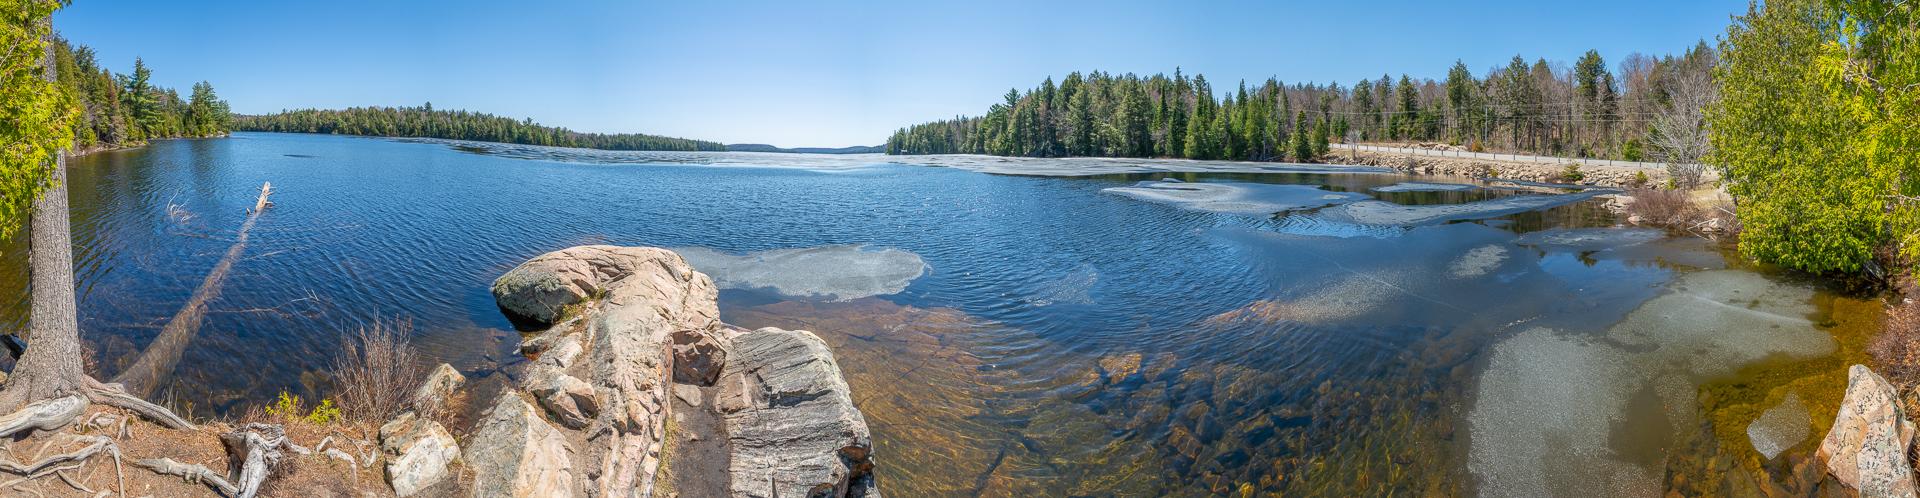 Fisherman's Point Smoke Lake